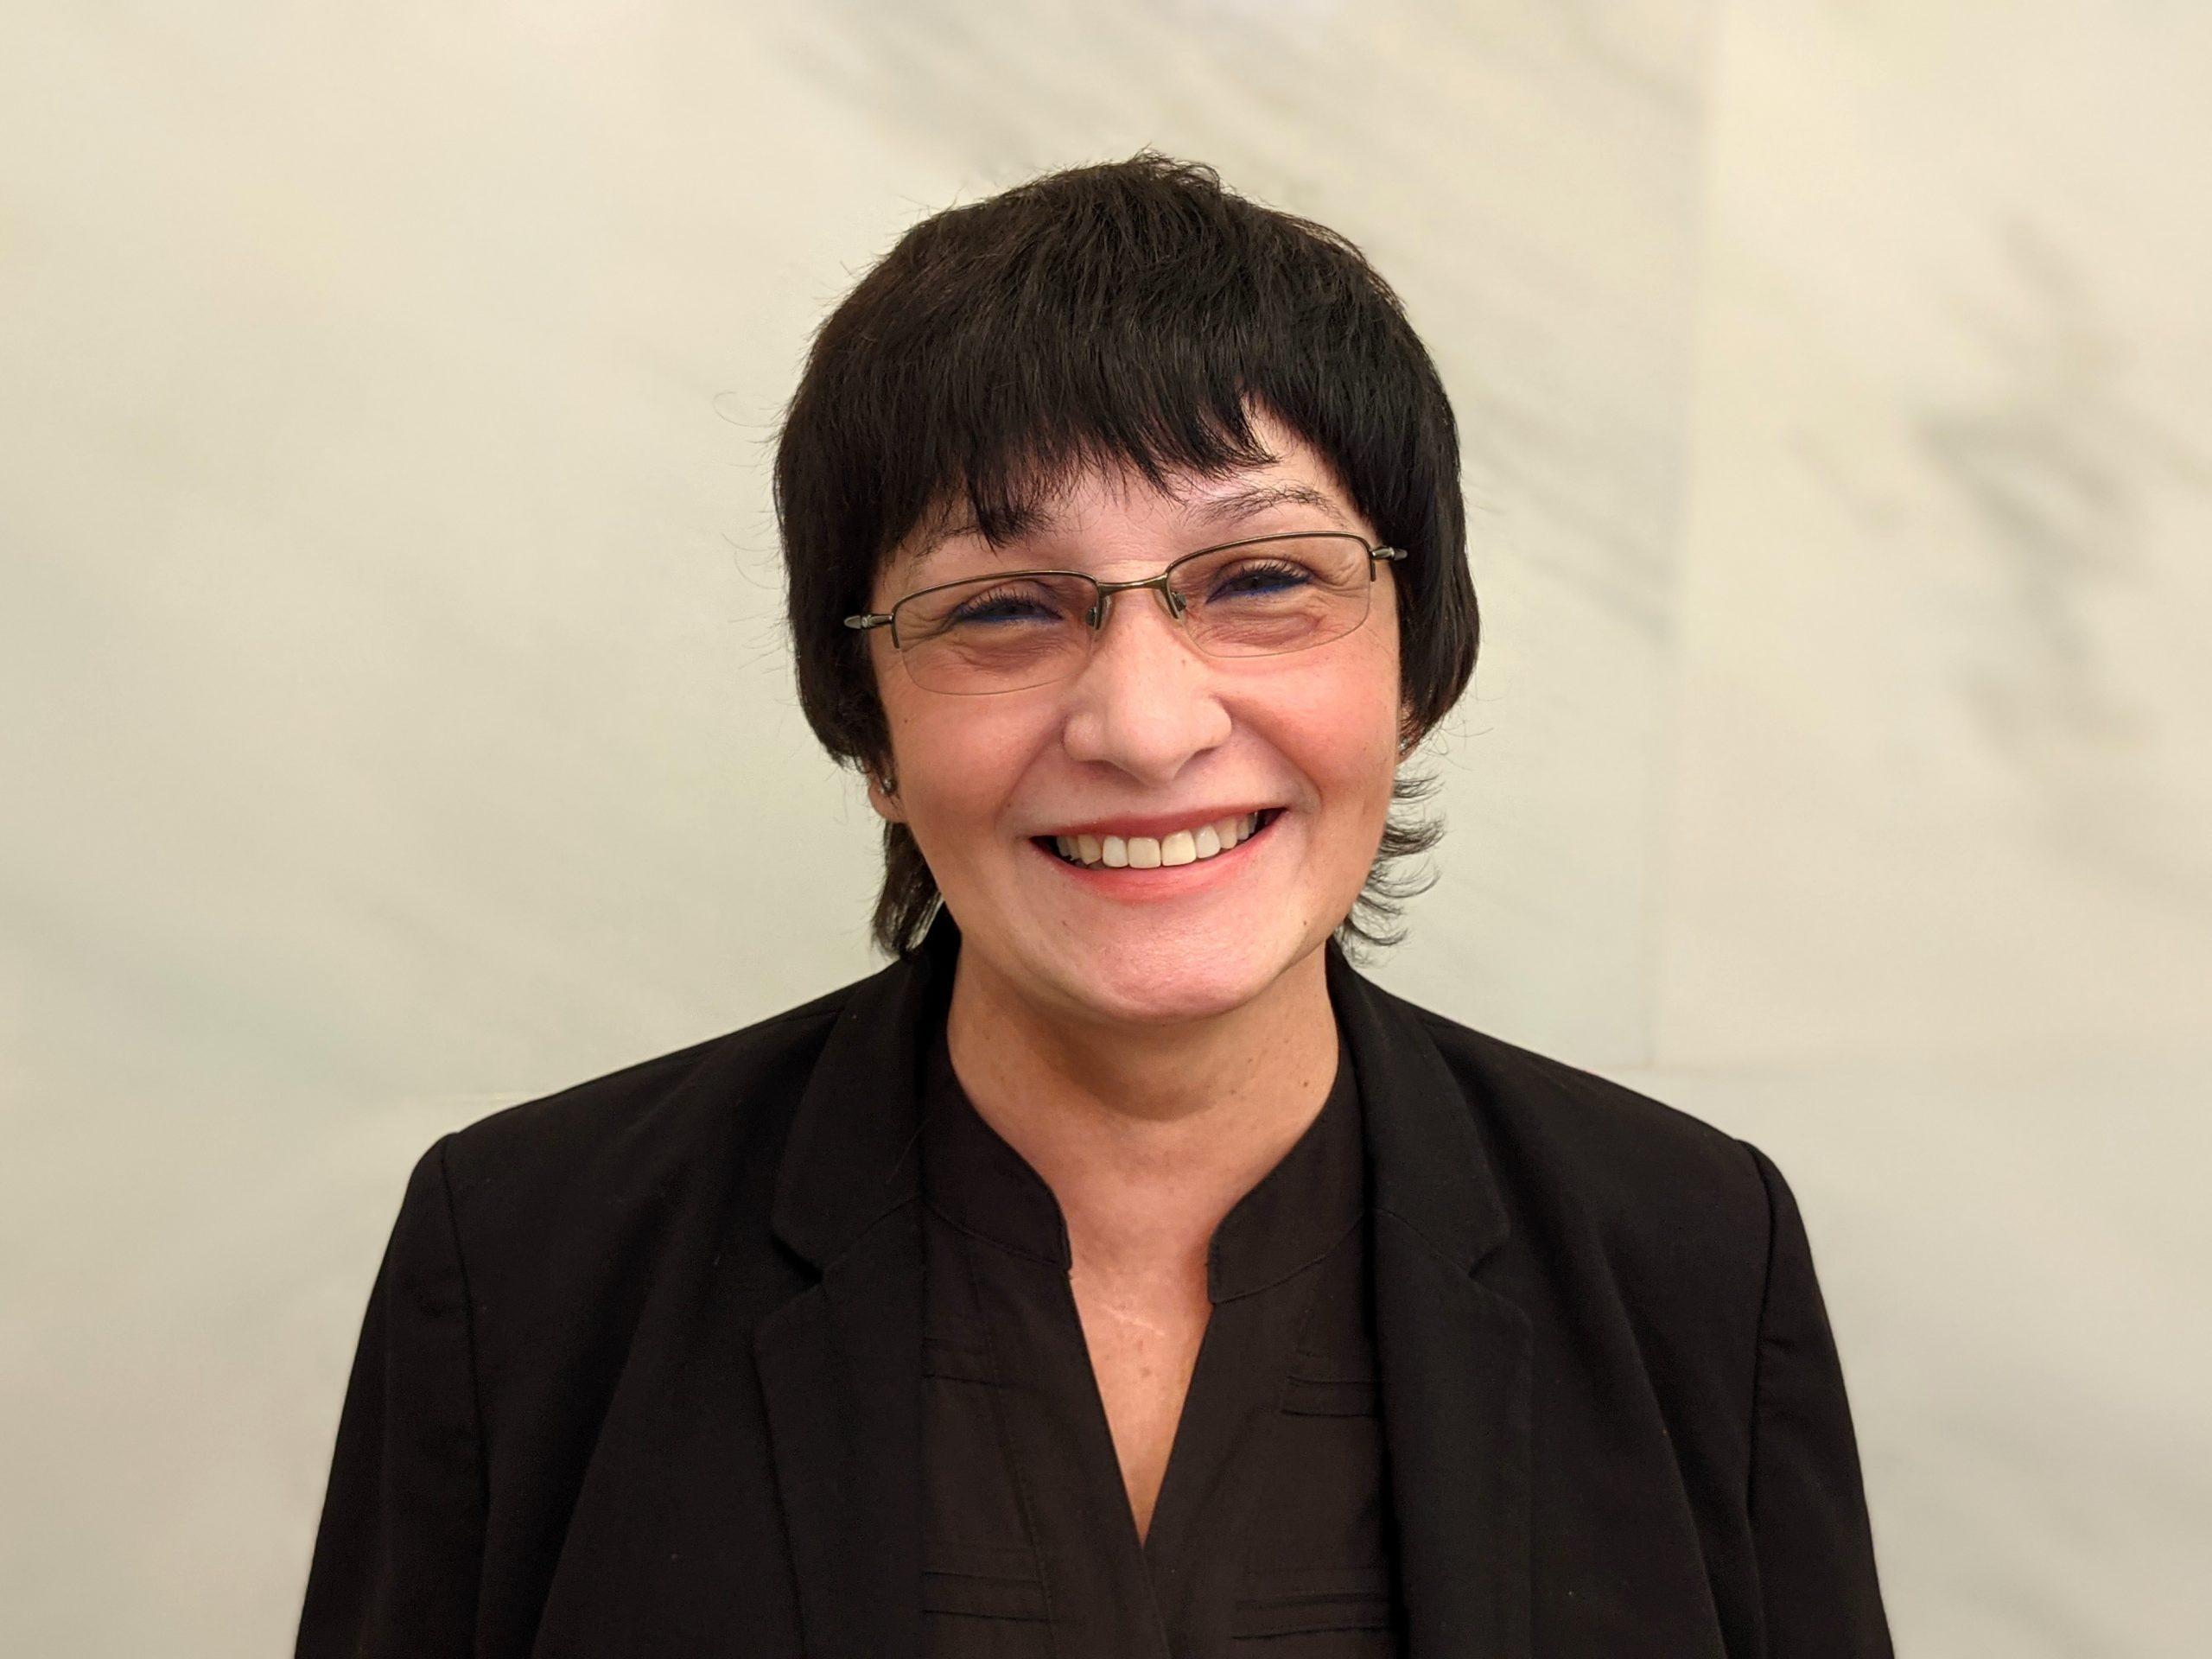 Florencia Aceituna